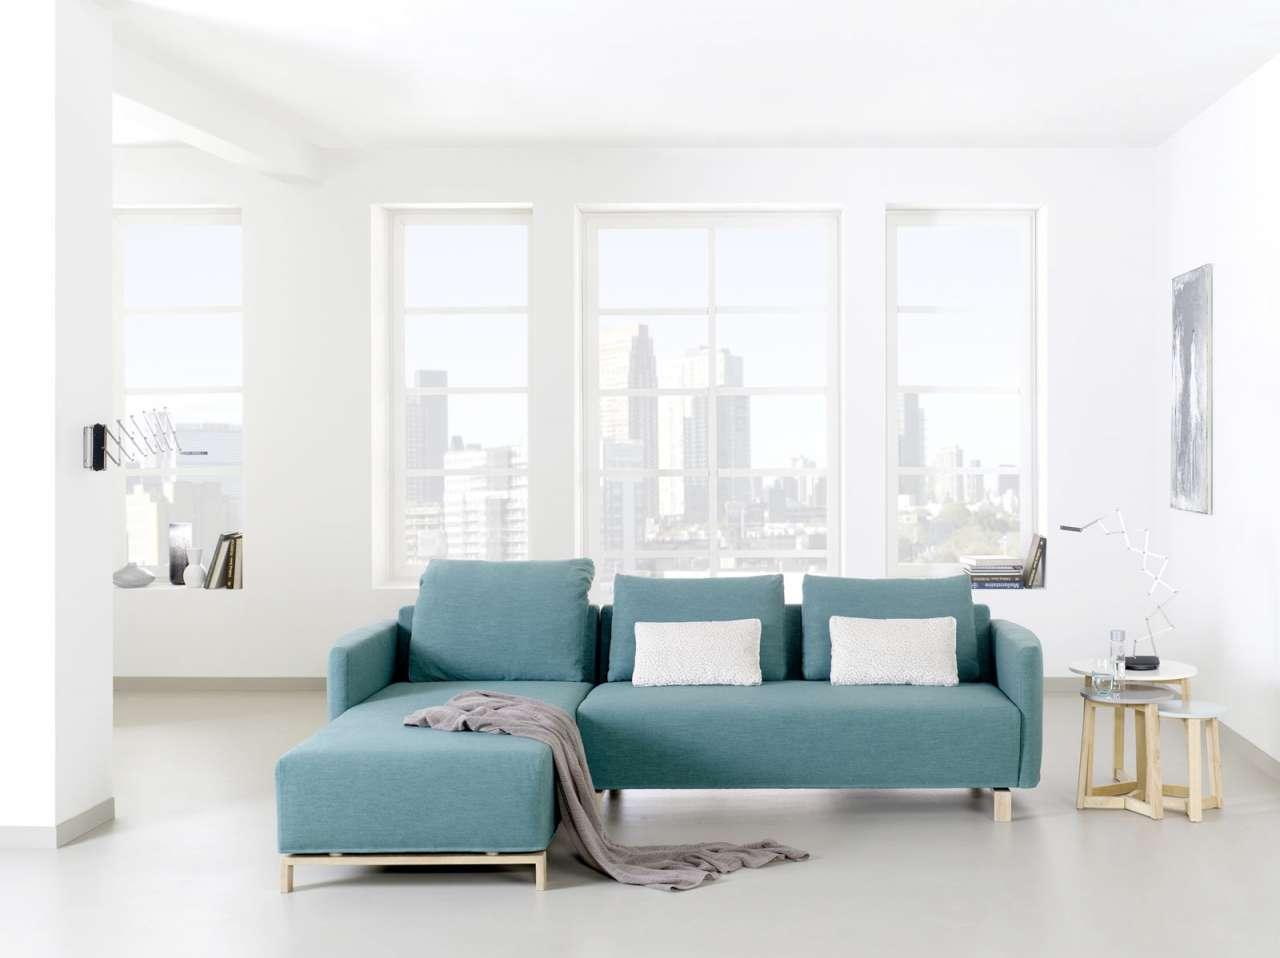 Empfehlung: Modernes Öko Sofa mit Recamiere  von PureNature DE*